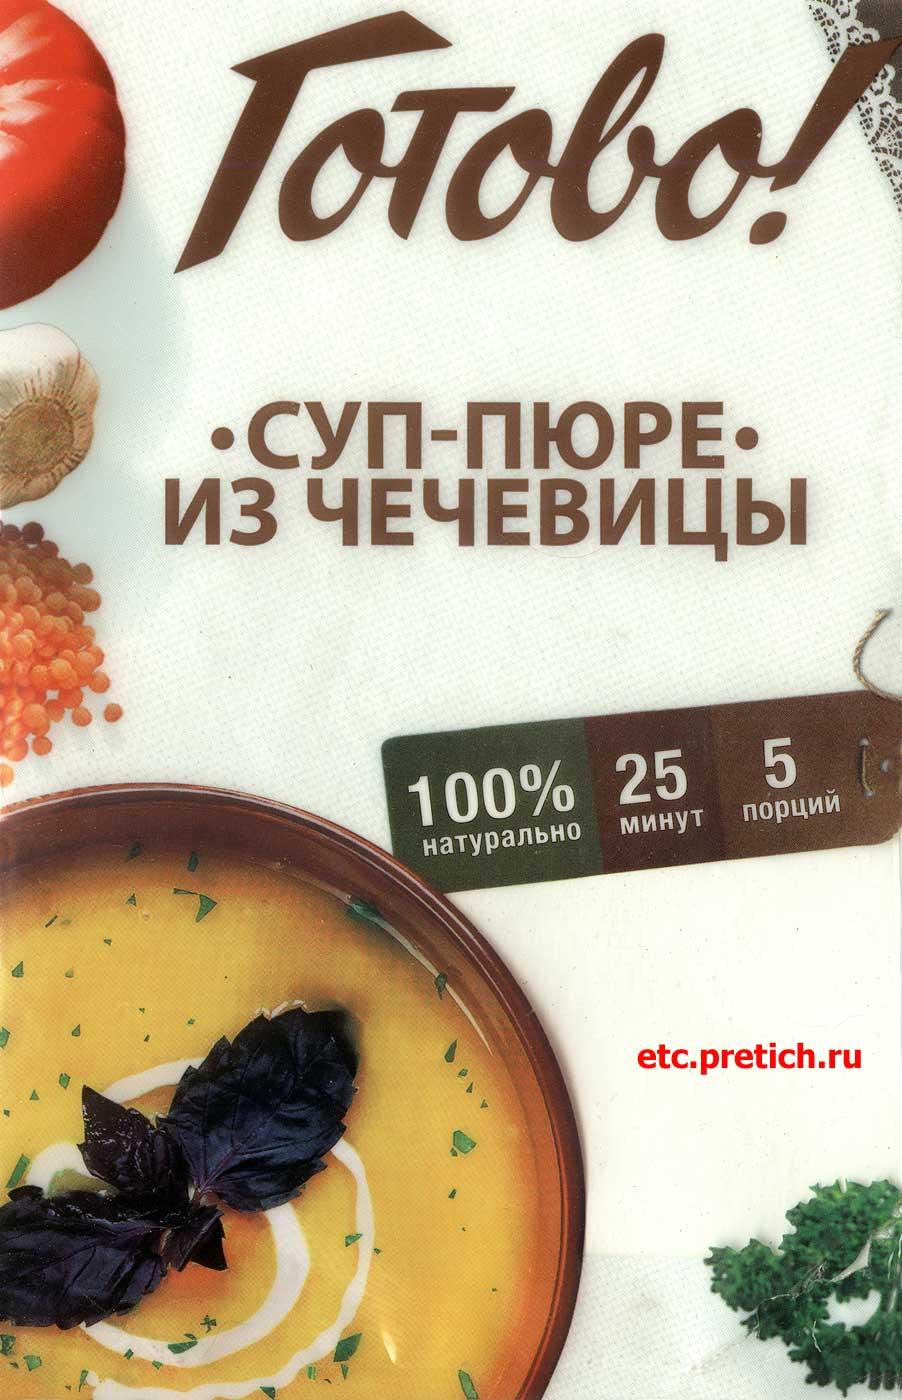 Готово! Суп-пюре из чечевицы продукт из Карелии, Ярмарка - вкус